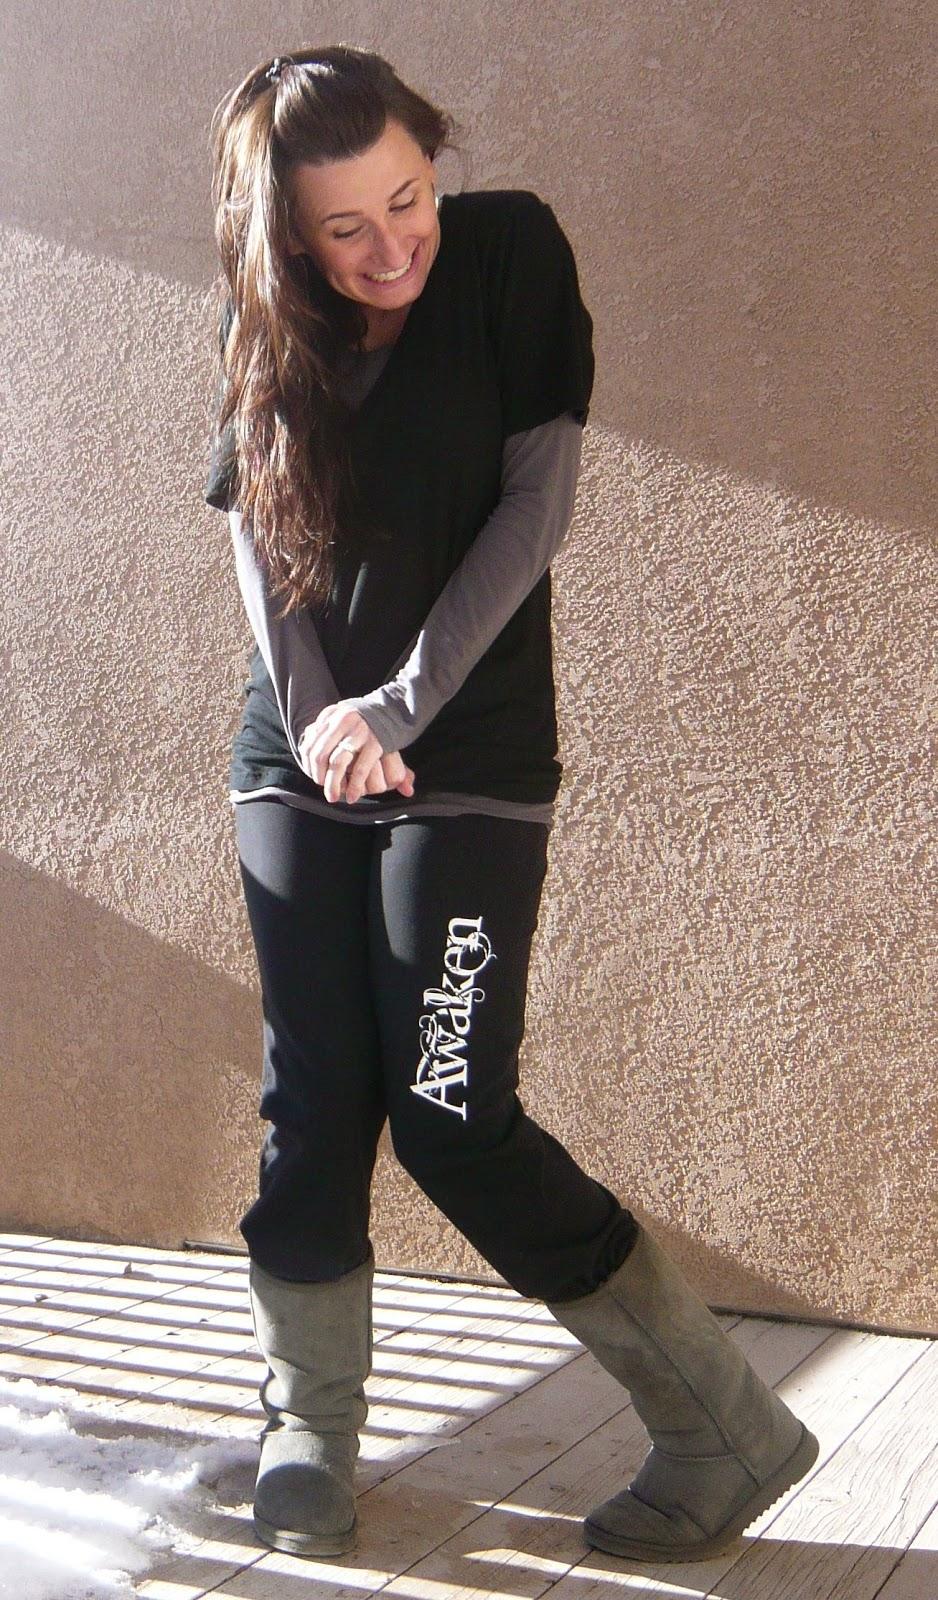 Ugg Boots Yoga Pants